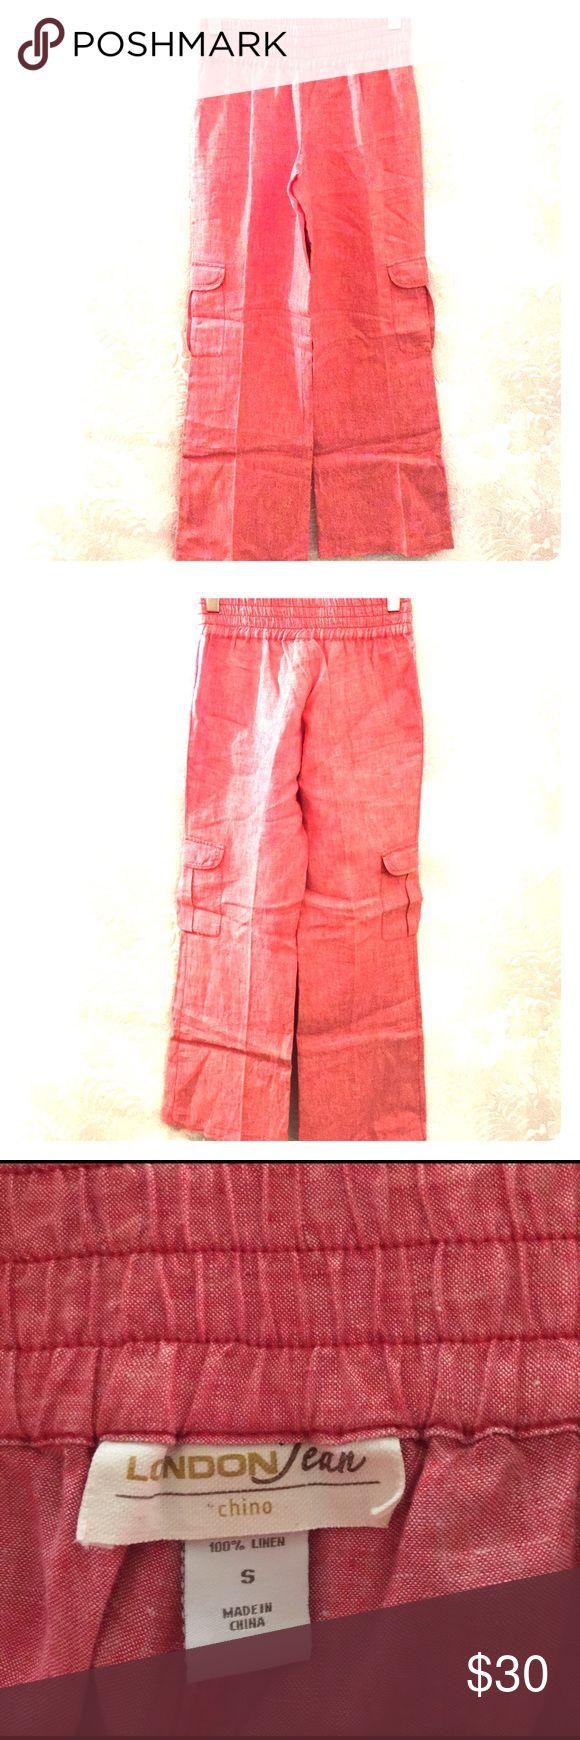 LONDON JEAN CHINO 100% Linen Pants LONDON JEAN CHINO:  Women's Size Small Linen Cargo Pants LONDON JEAN chino Pants Wide Leg